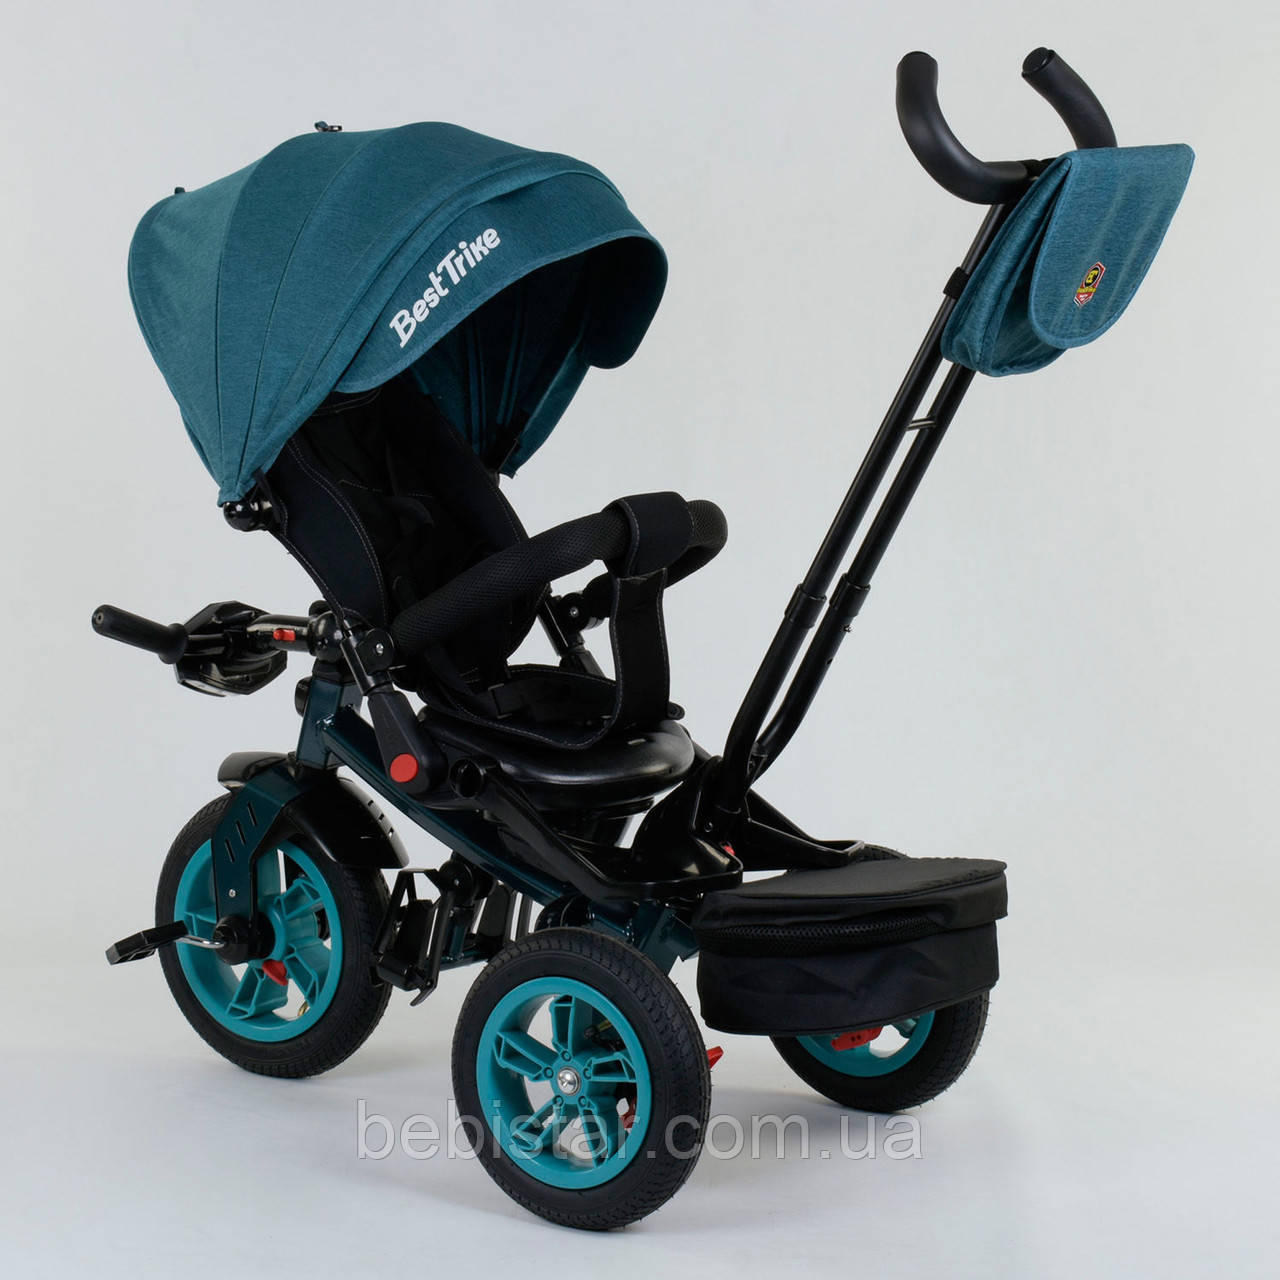 Трехколесный велосипед бирюзовый Best Trike модели 9500 надувные колеса поворотное сидение музыка